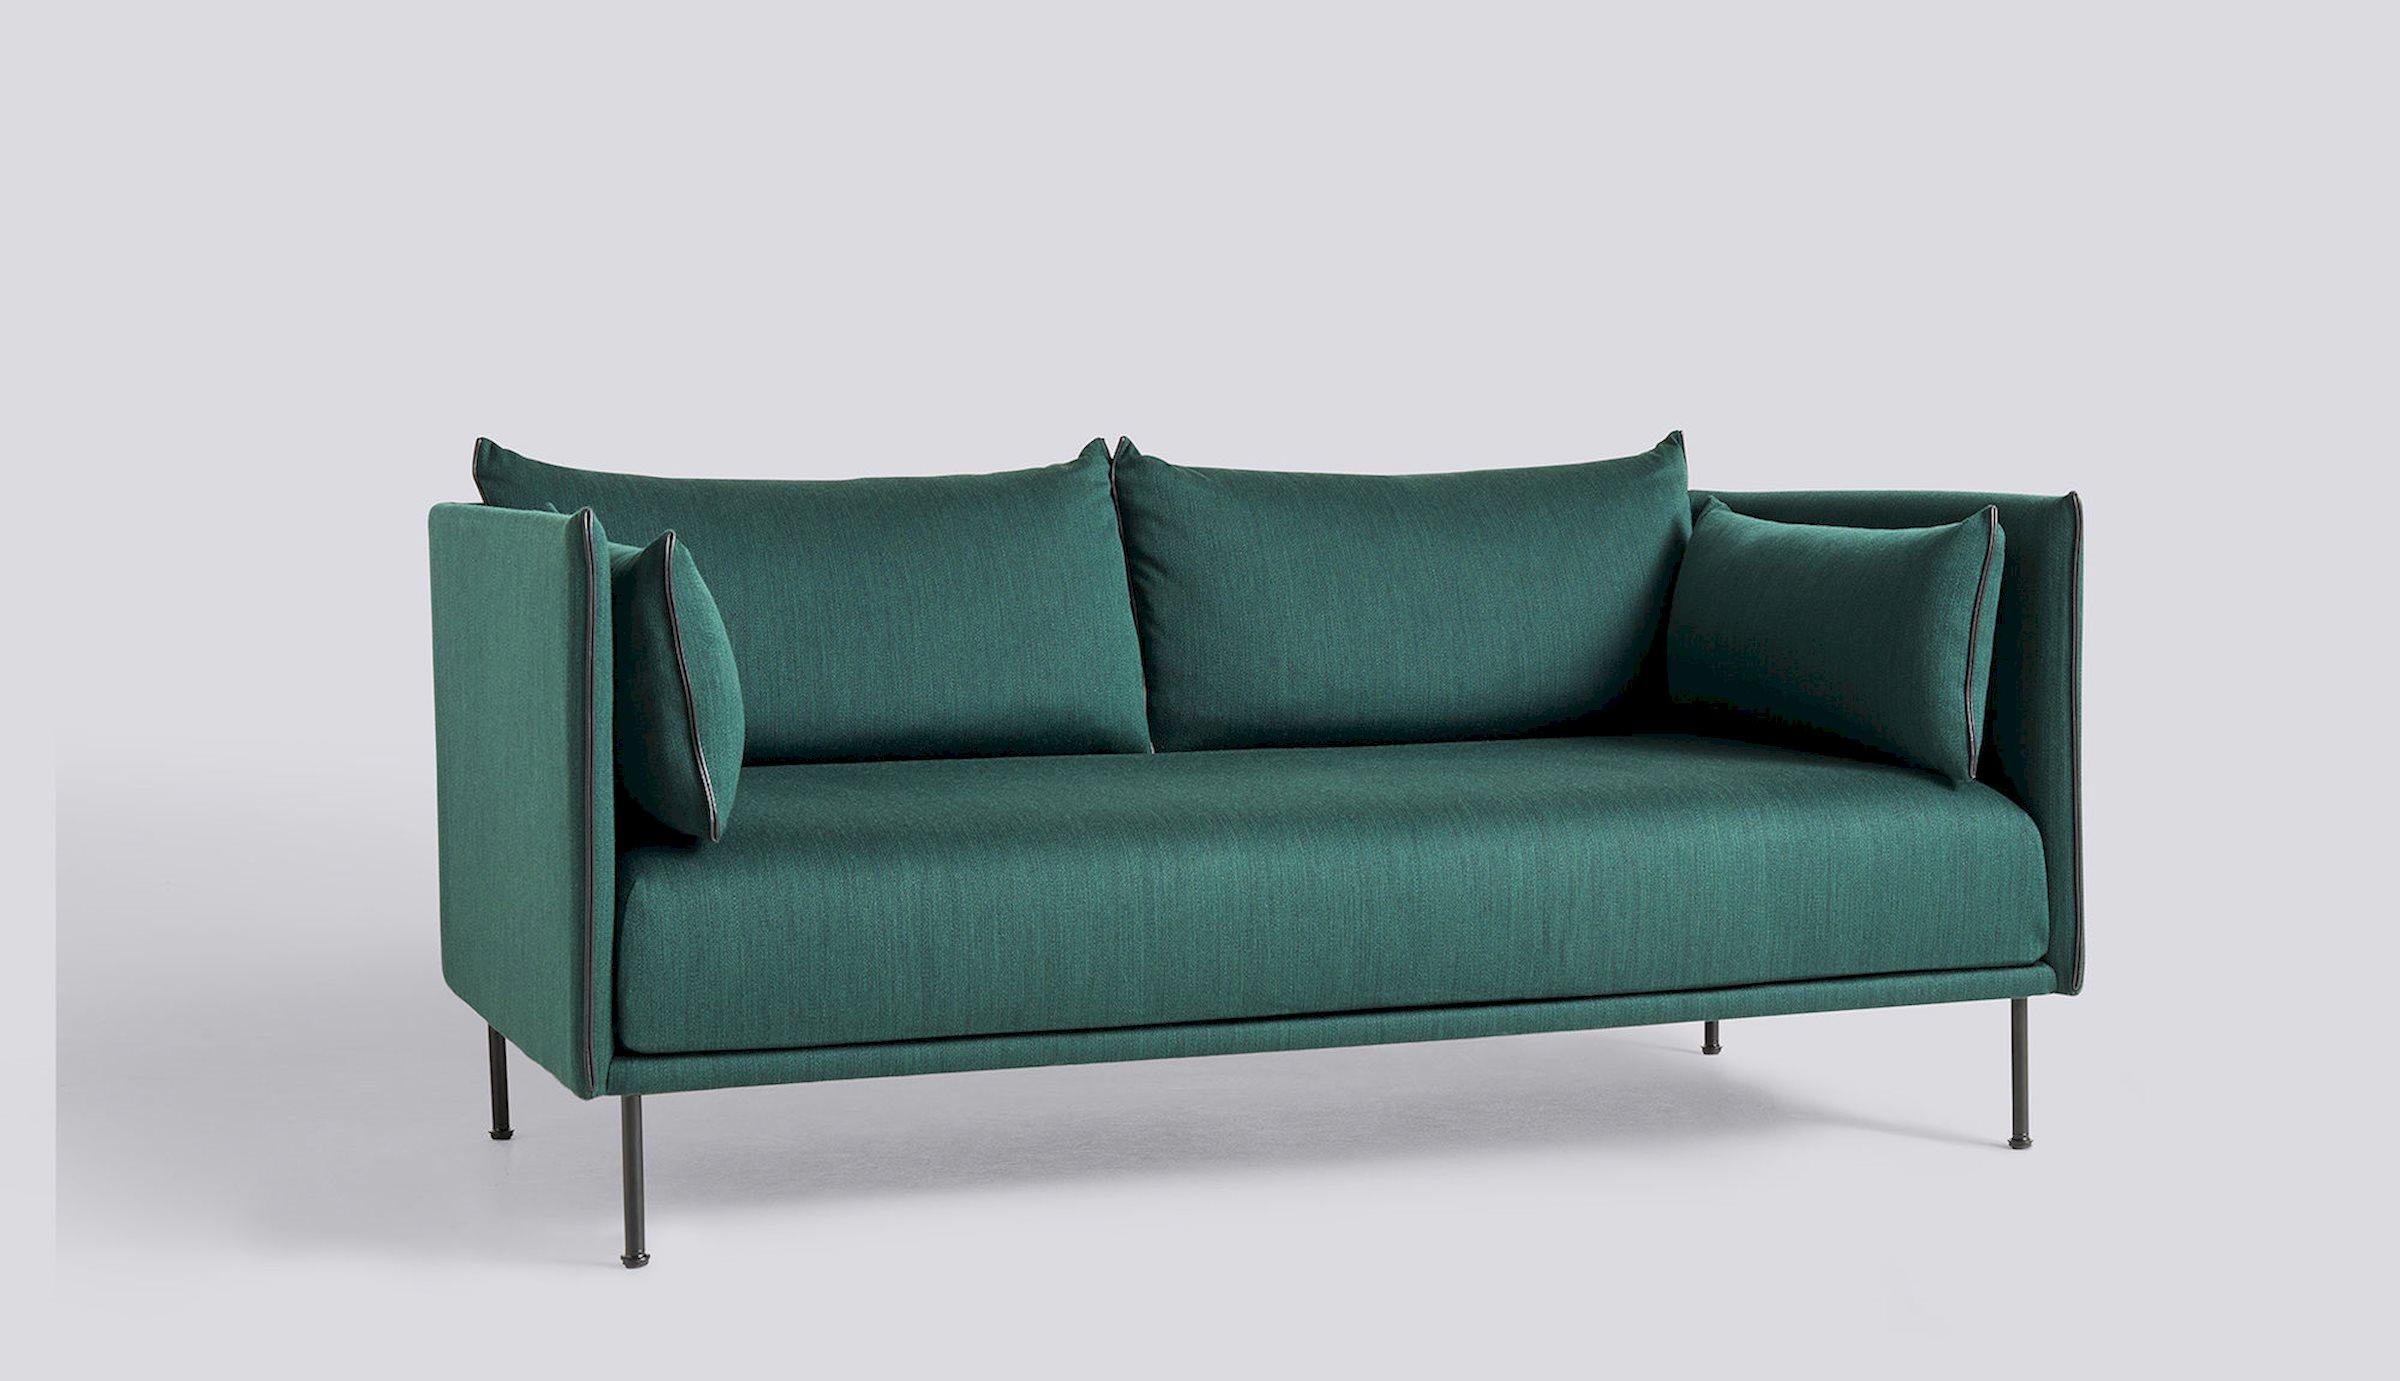 2156478898287zzzzzzz_silhou-sofa-2-seater-mono-black-leather-piping-balder-982_1390x800_brandvariant.jpg